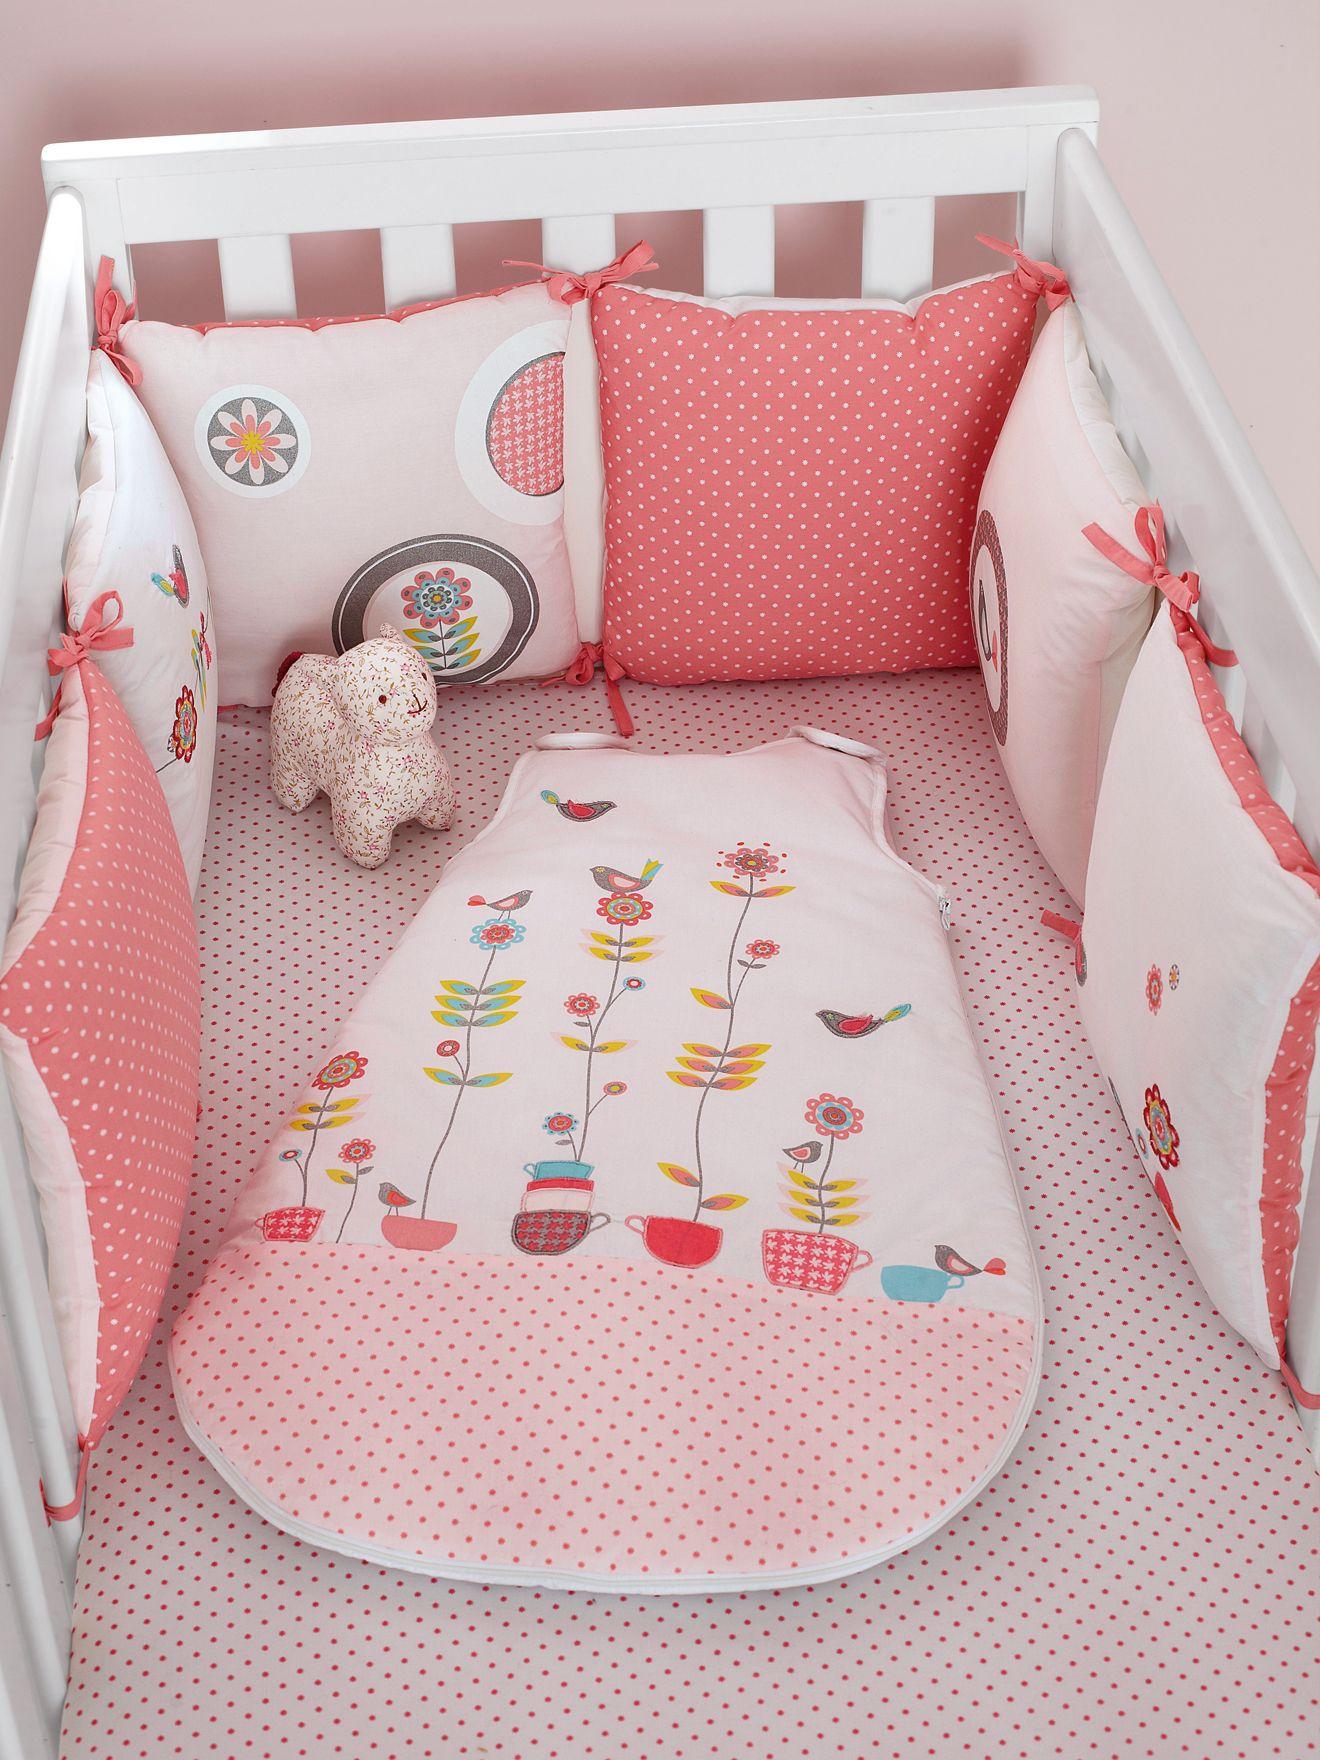 baby bumper baby kids room pinterest baby kinderzimmer und baby bettw sche. Black Bedroom Furniture Sets. Home Design Ideas